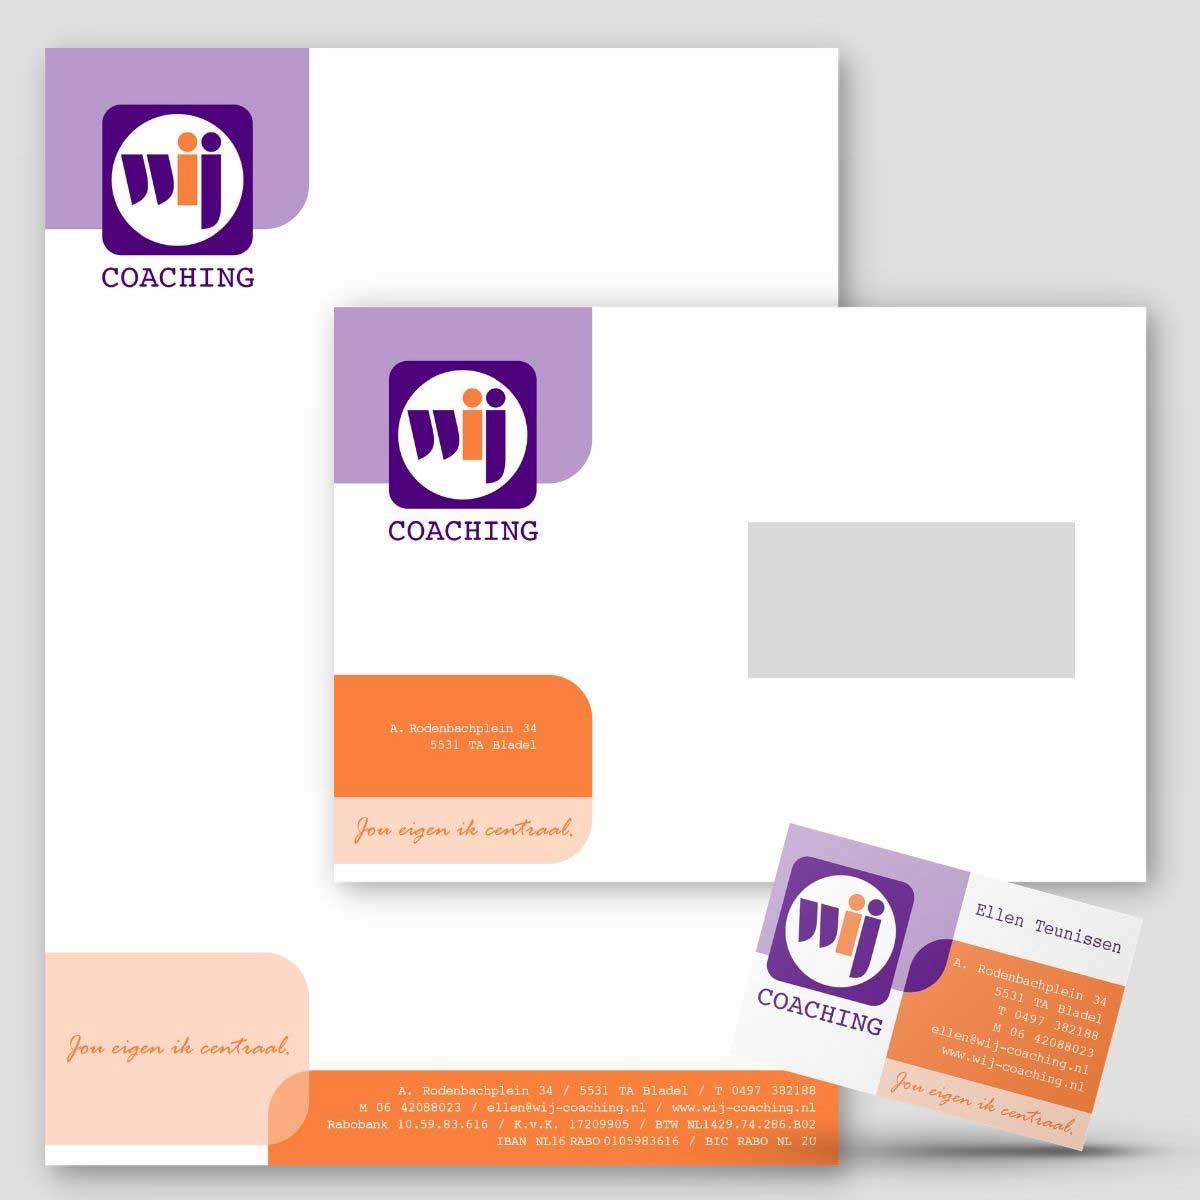 Grafisch ontwerp, DTP van huisstijl voor WIJ coaching.